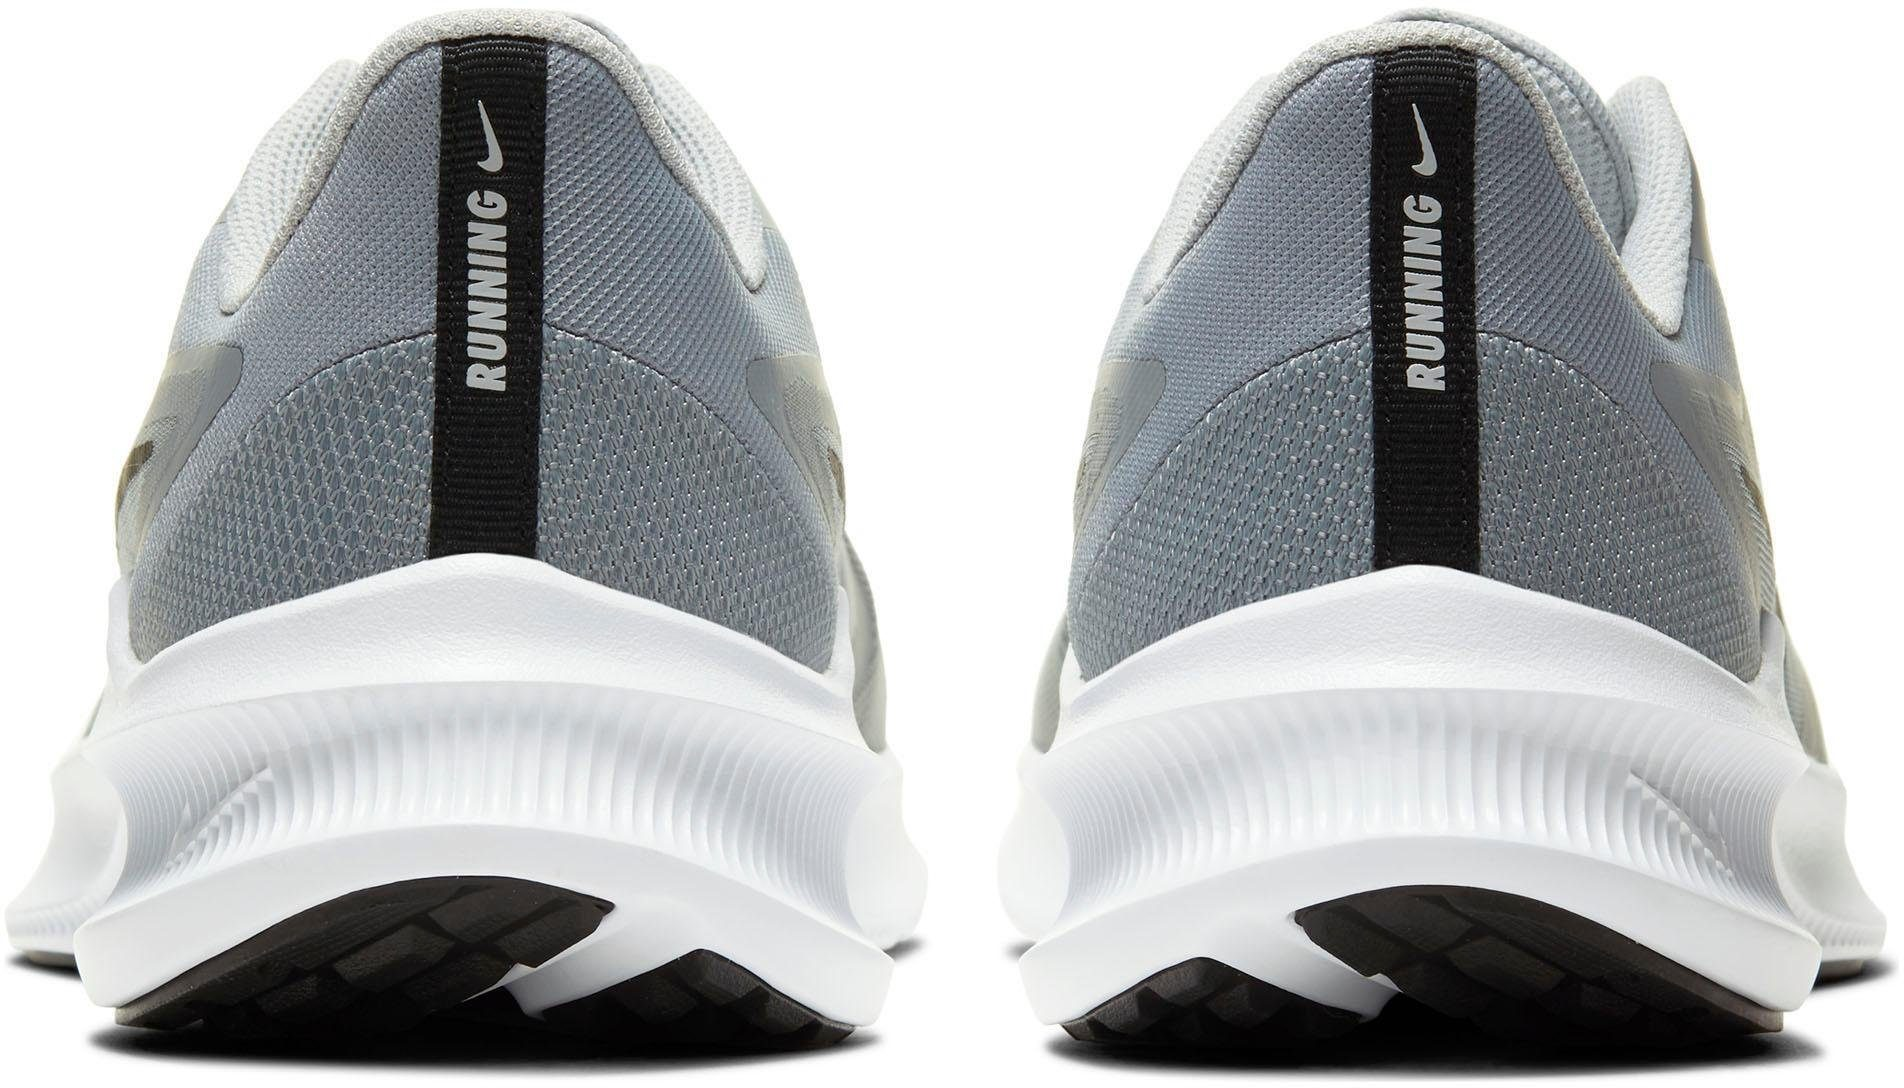 Nike Runningschoenen Downshifter 10 In De Online Winkel - Geweldige Prijs